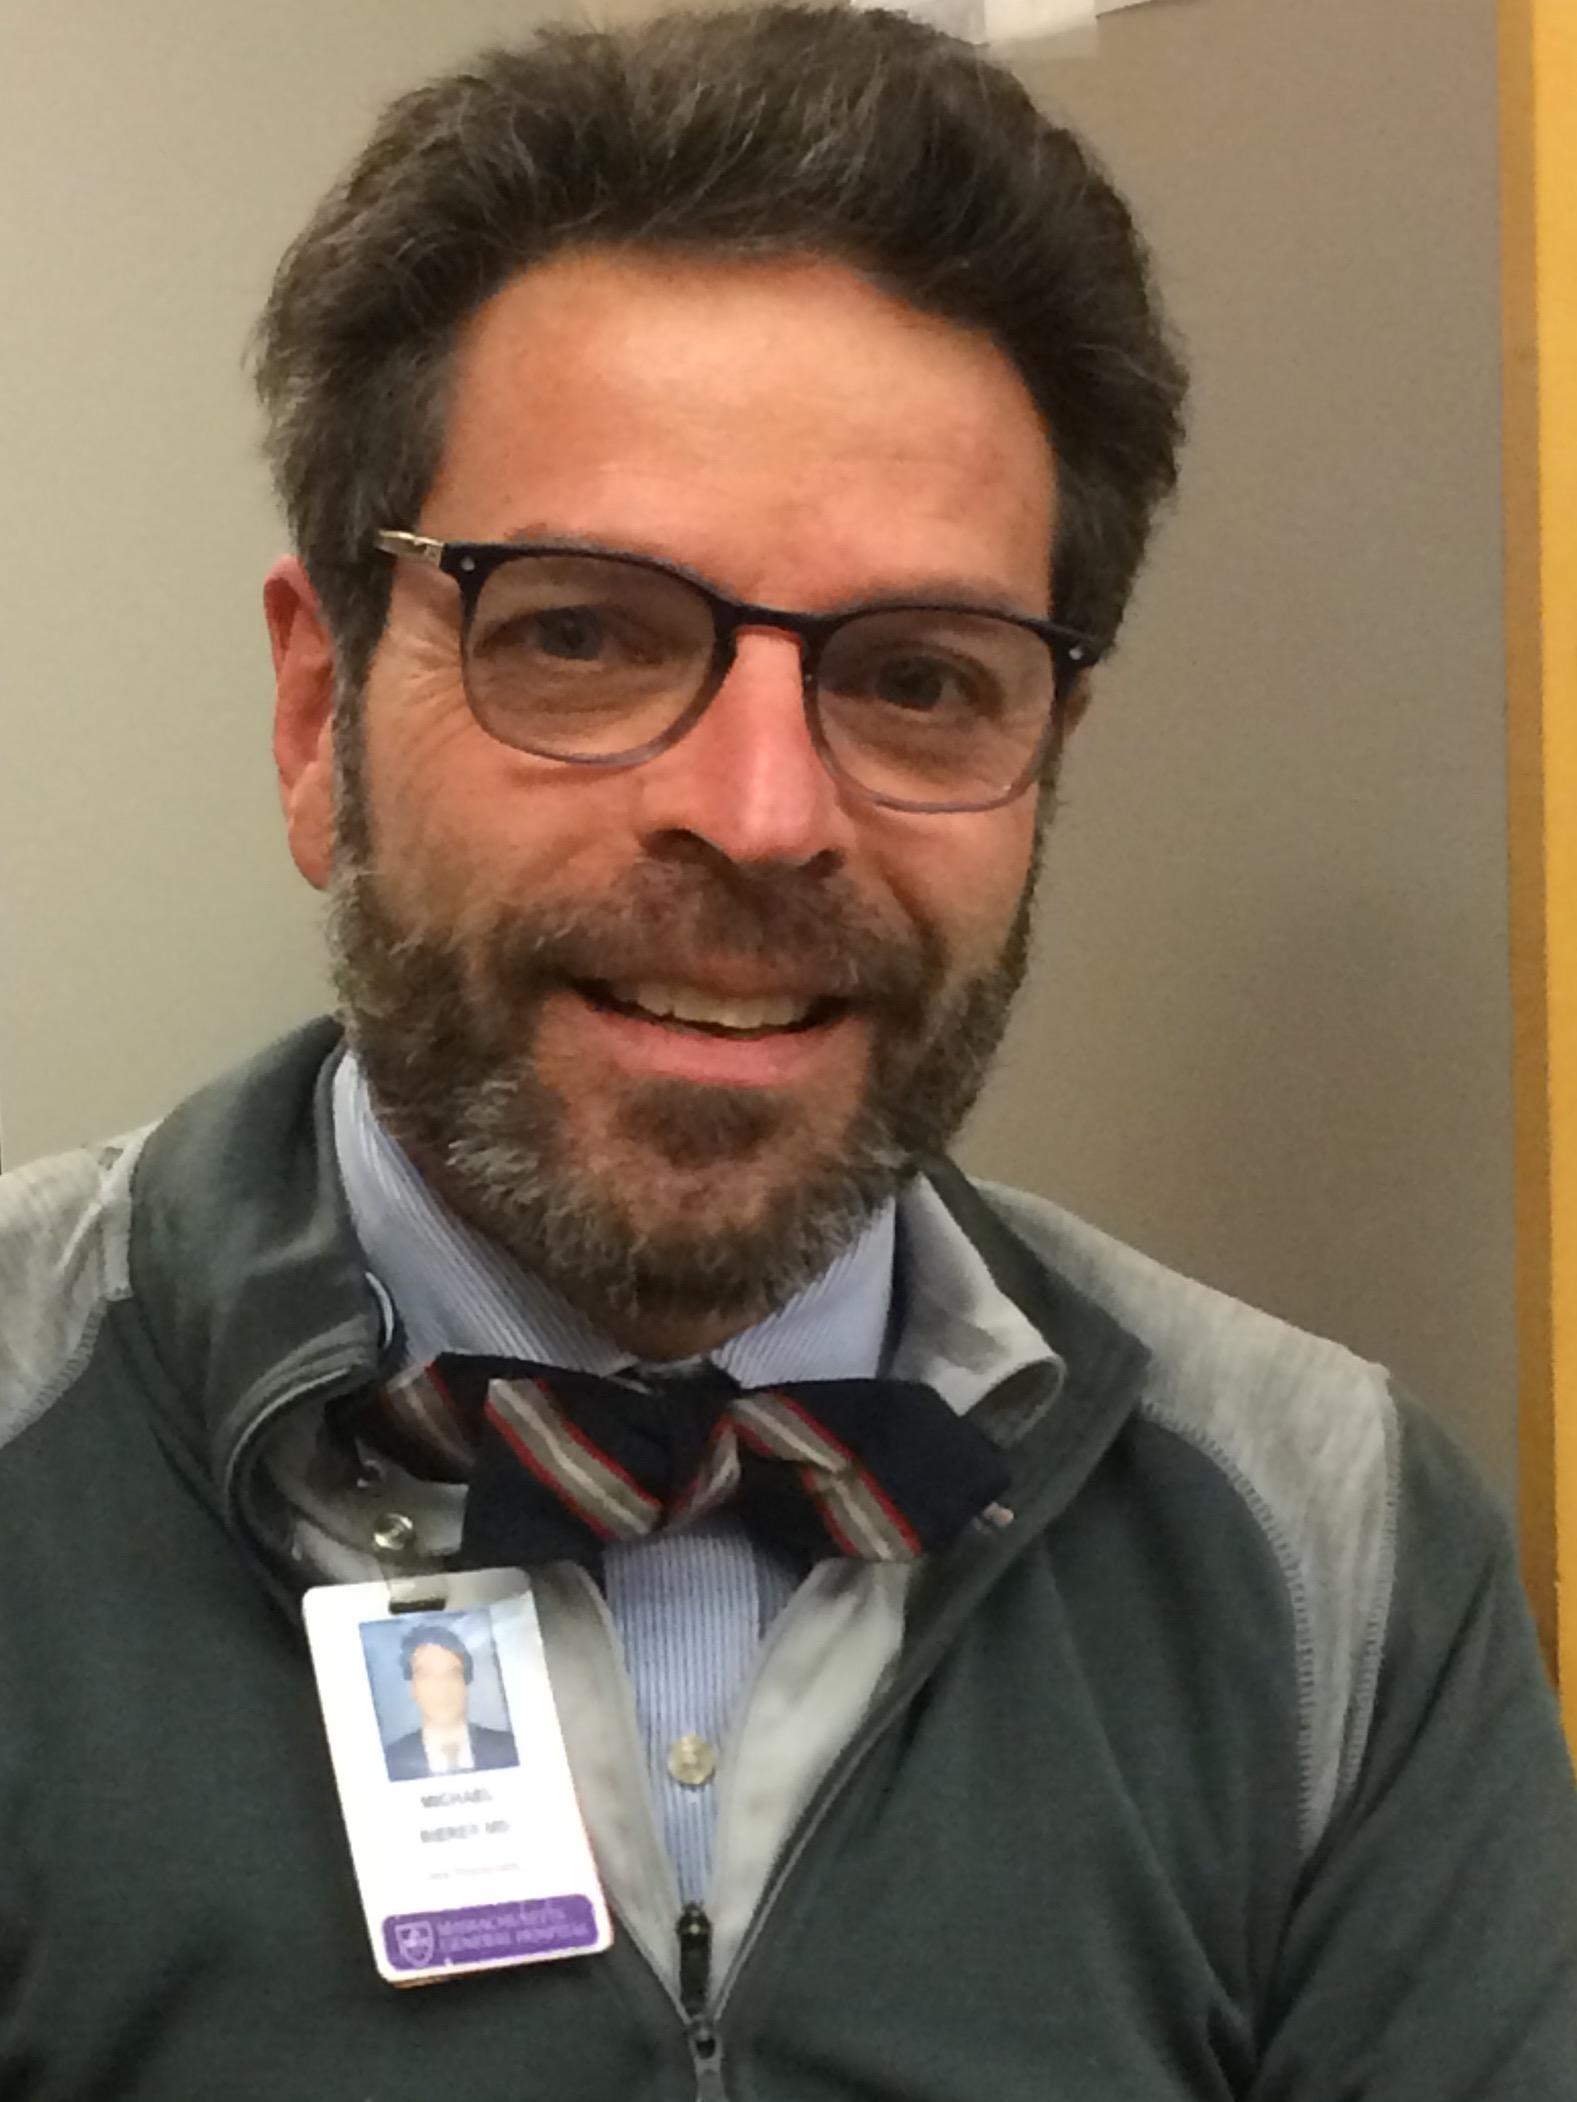 Michael Bierer, MD